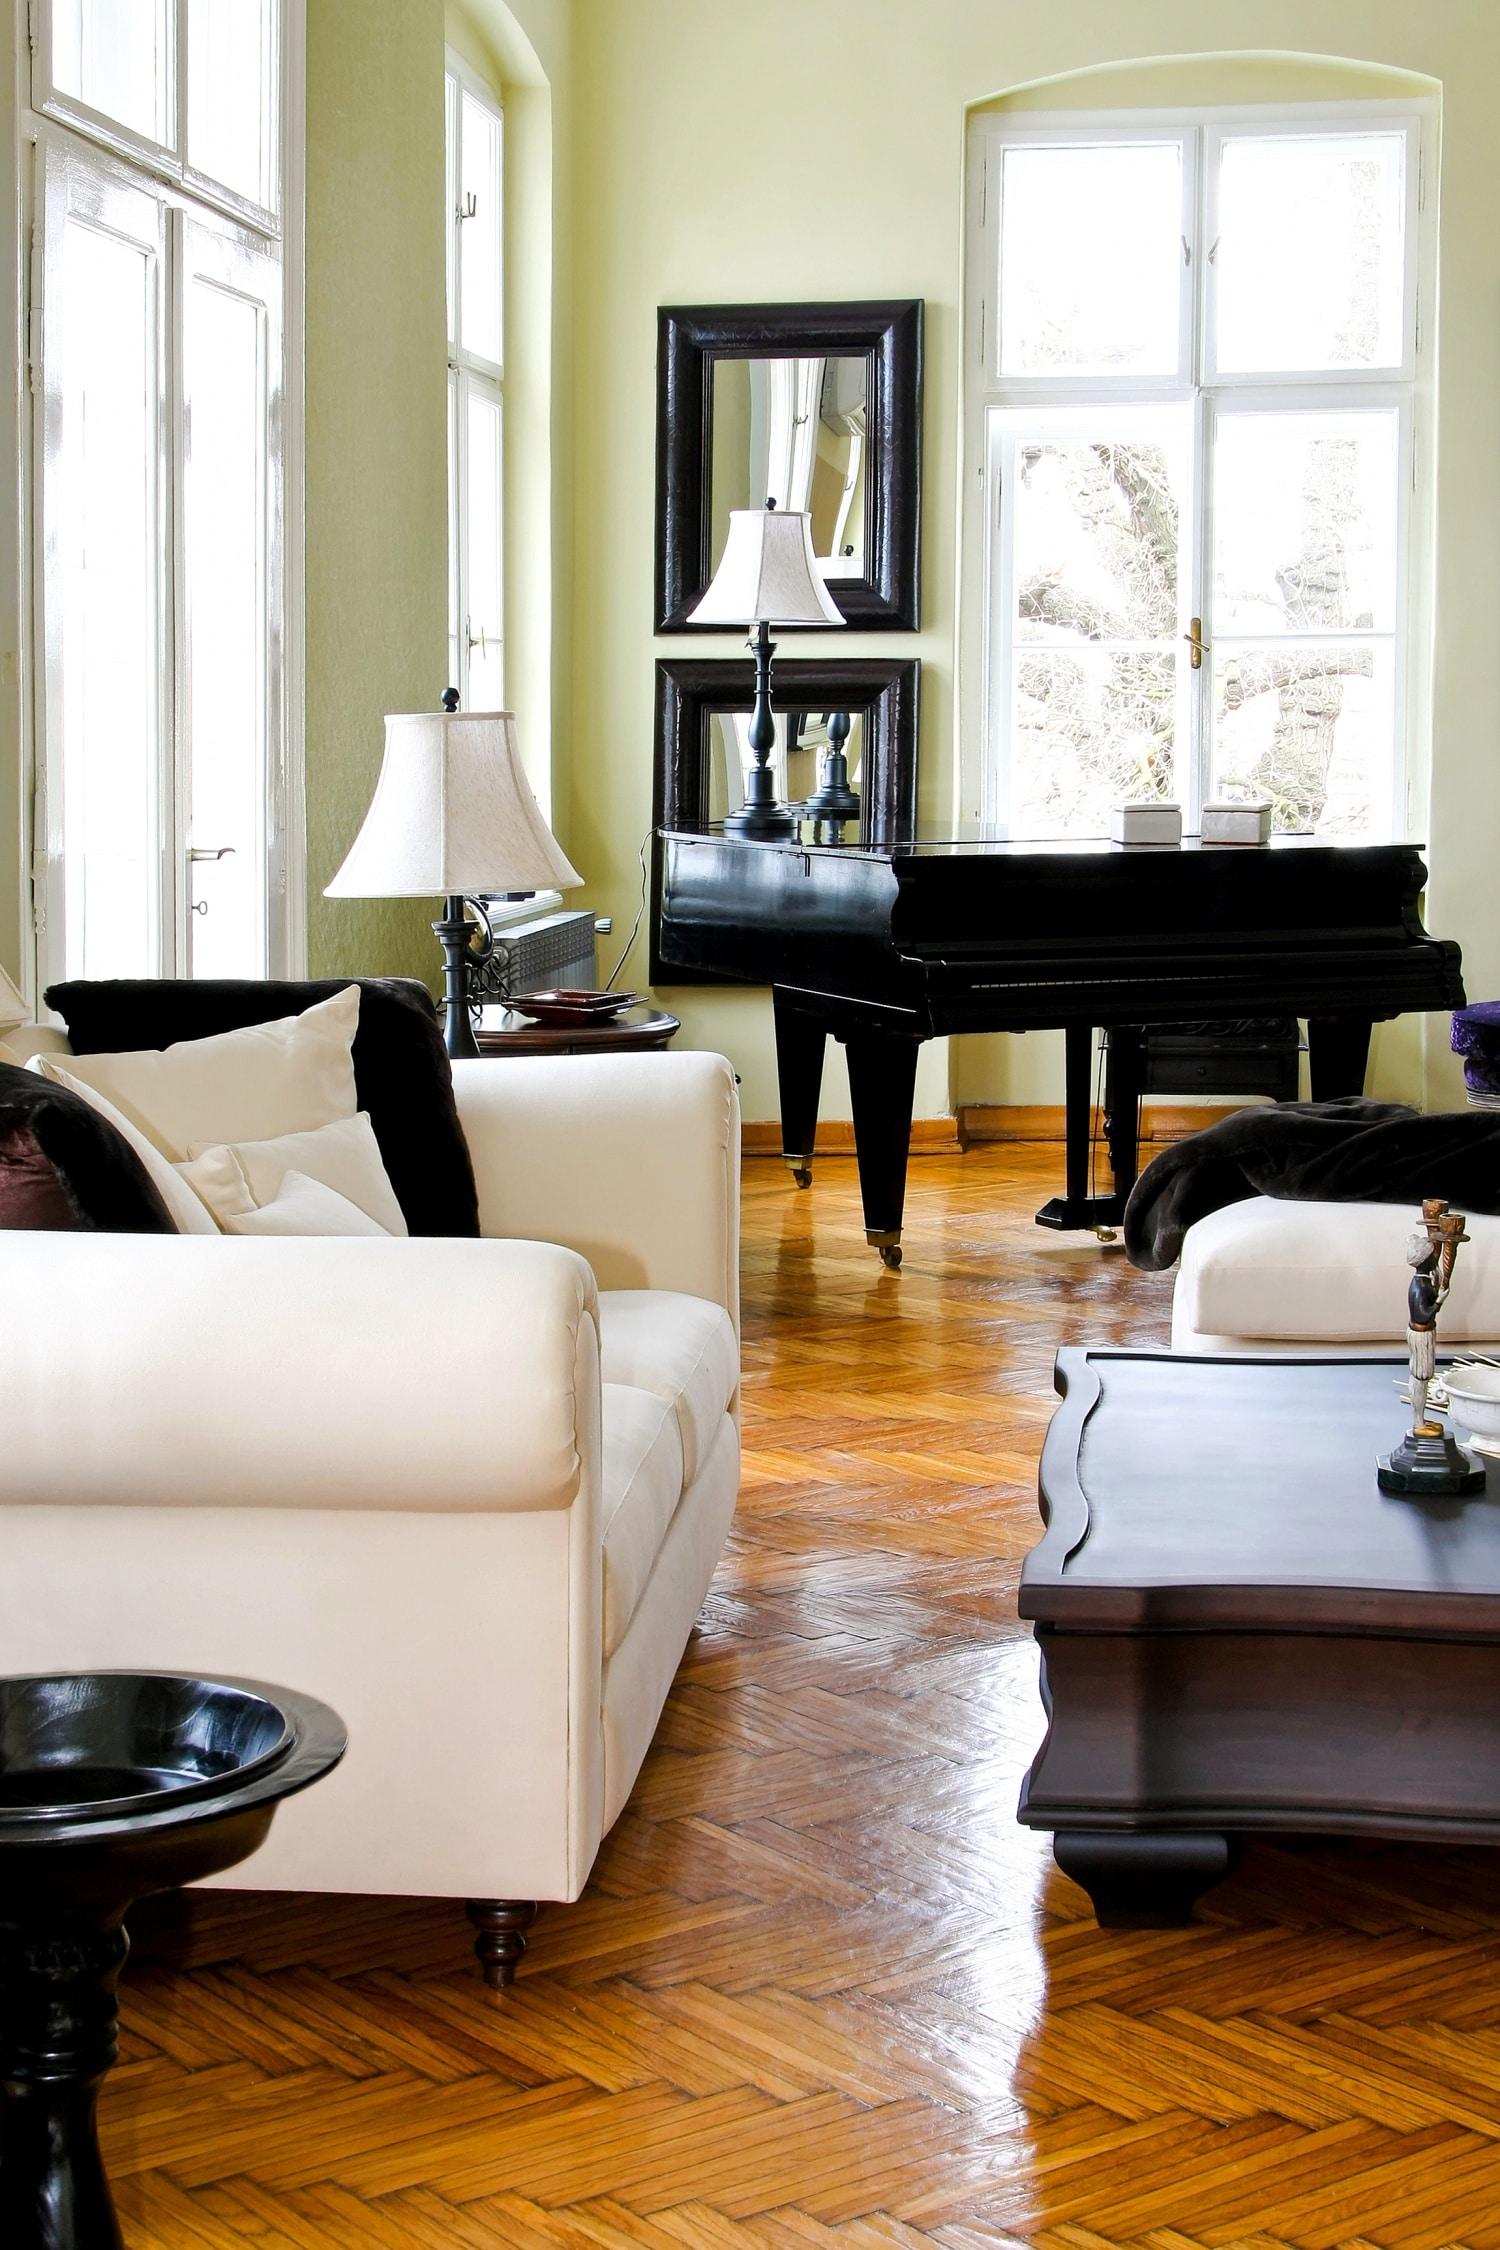 Inspiráló lakberendezési tippek apró nappalikba